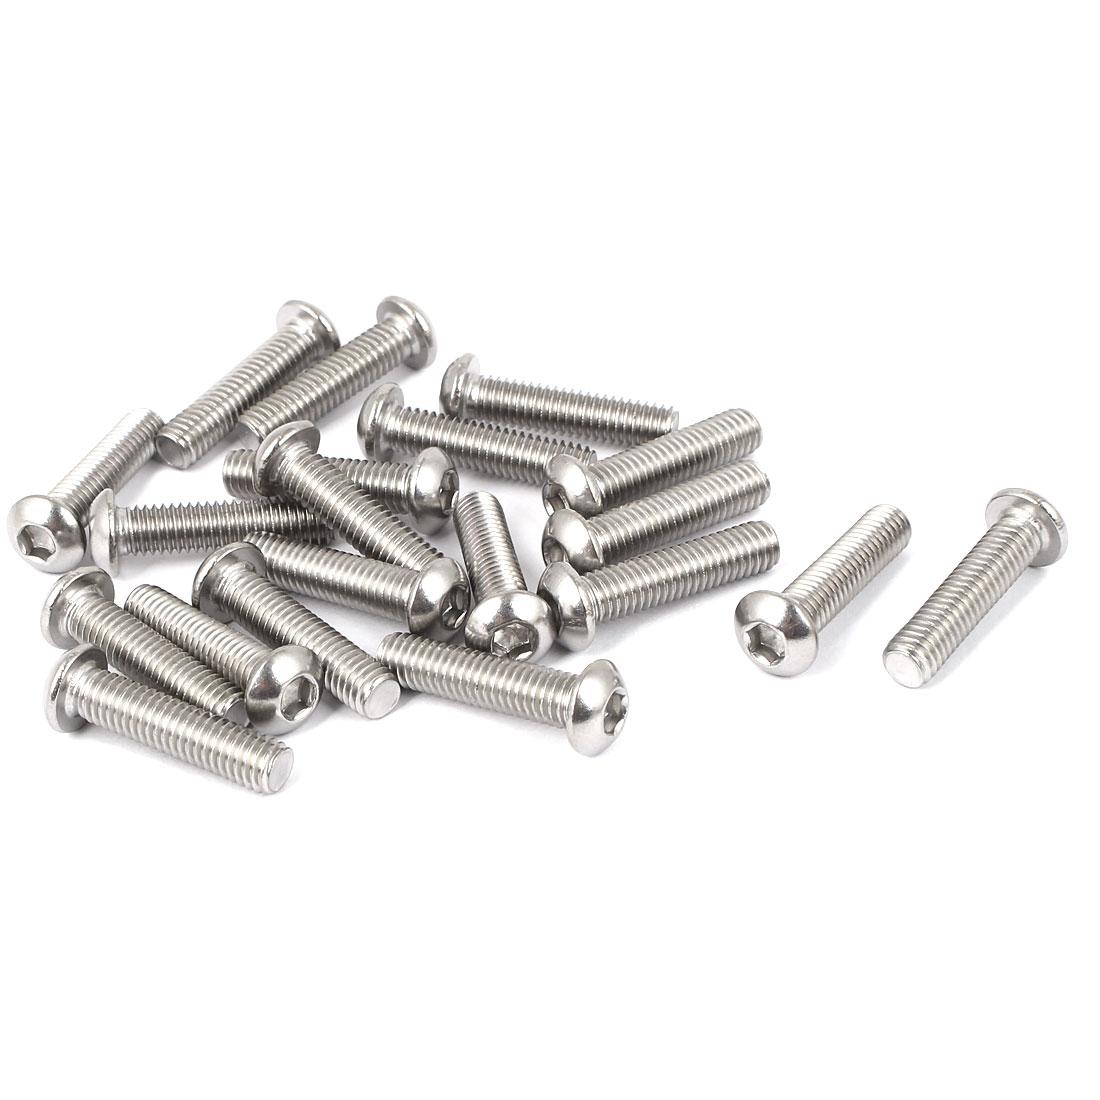 M6 x 25mm Full Thread Button Head Socket Cap Screw Silver Tone 20 Pcs